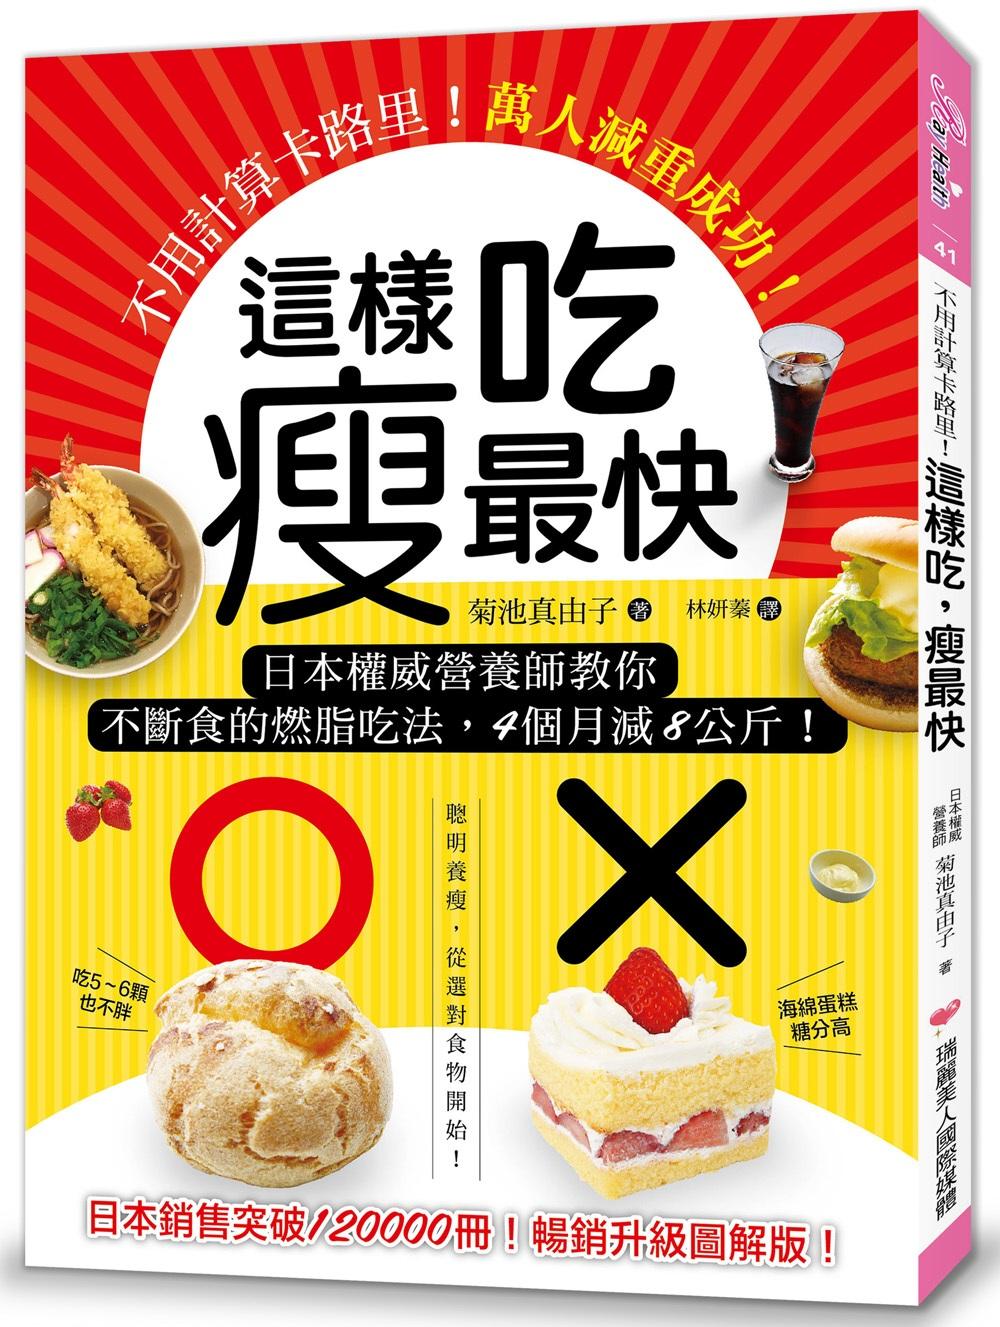 這樣吃,瘦最快:不用計算卡路里!日本權威營養師教你不斷食的燃脂吃法,4個月減8公斤,萬人減重成功!